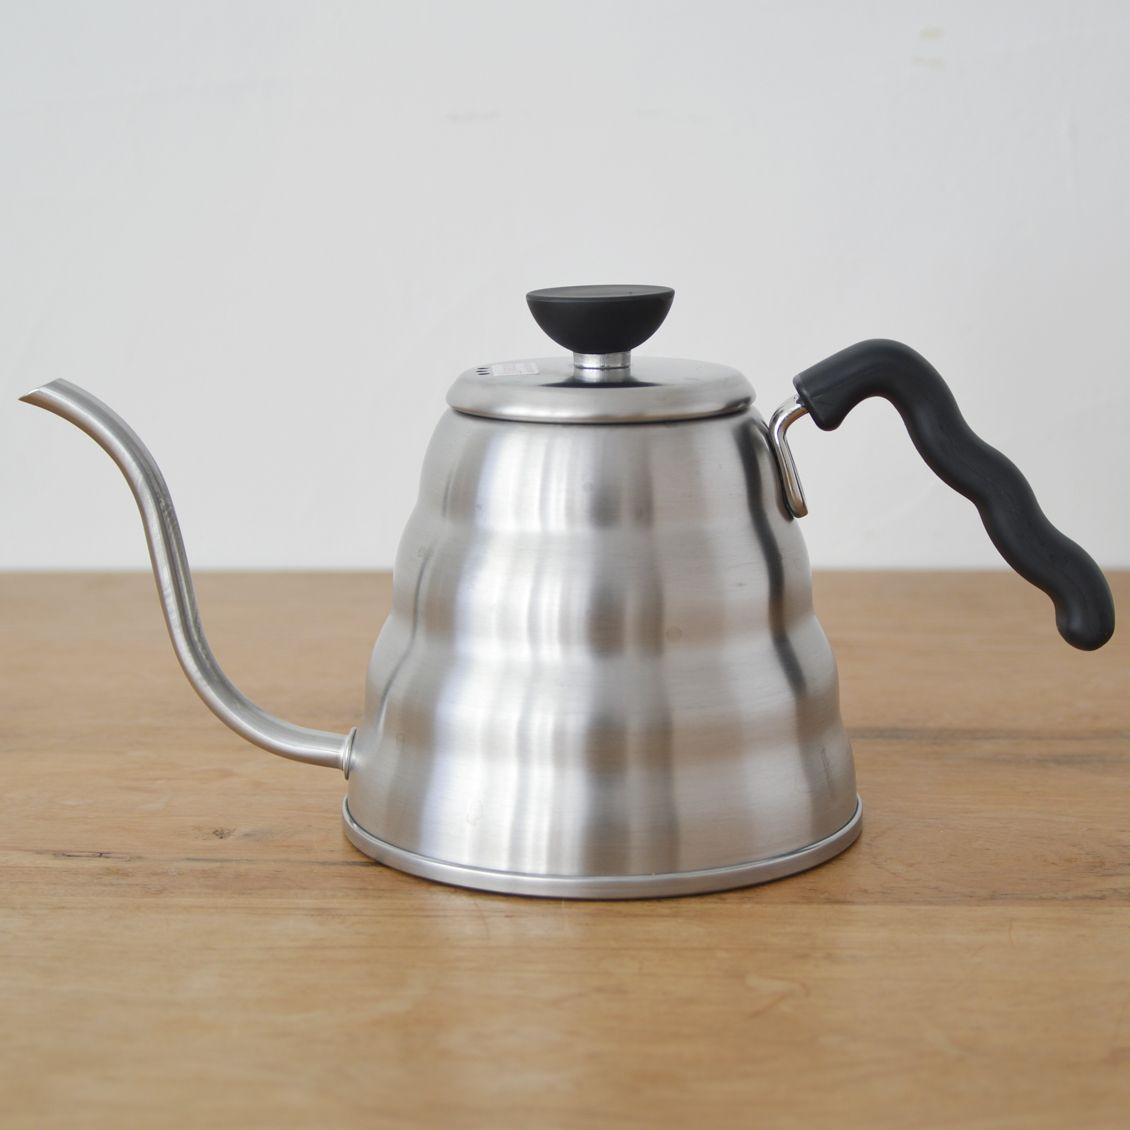 バリスタも愛用する本格コーヒー道具 コーヒー好きの方にぜひおすすめしたい Hario のコーヒー 道具が新登場です 海外のカフェでよく見かけるハリオは 実は日本の老舗耐熱ガラスメーカーの製品 おいしいコーヒーが楽しめるハリオは プロのバリスタにも使われてい